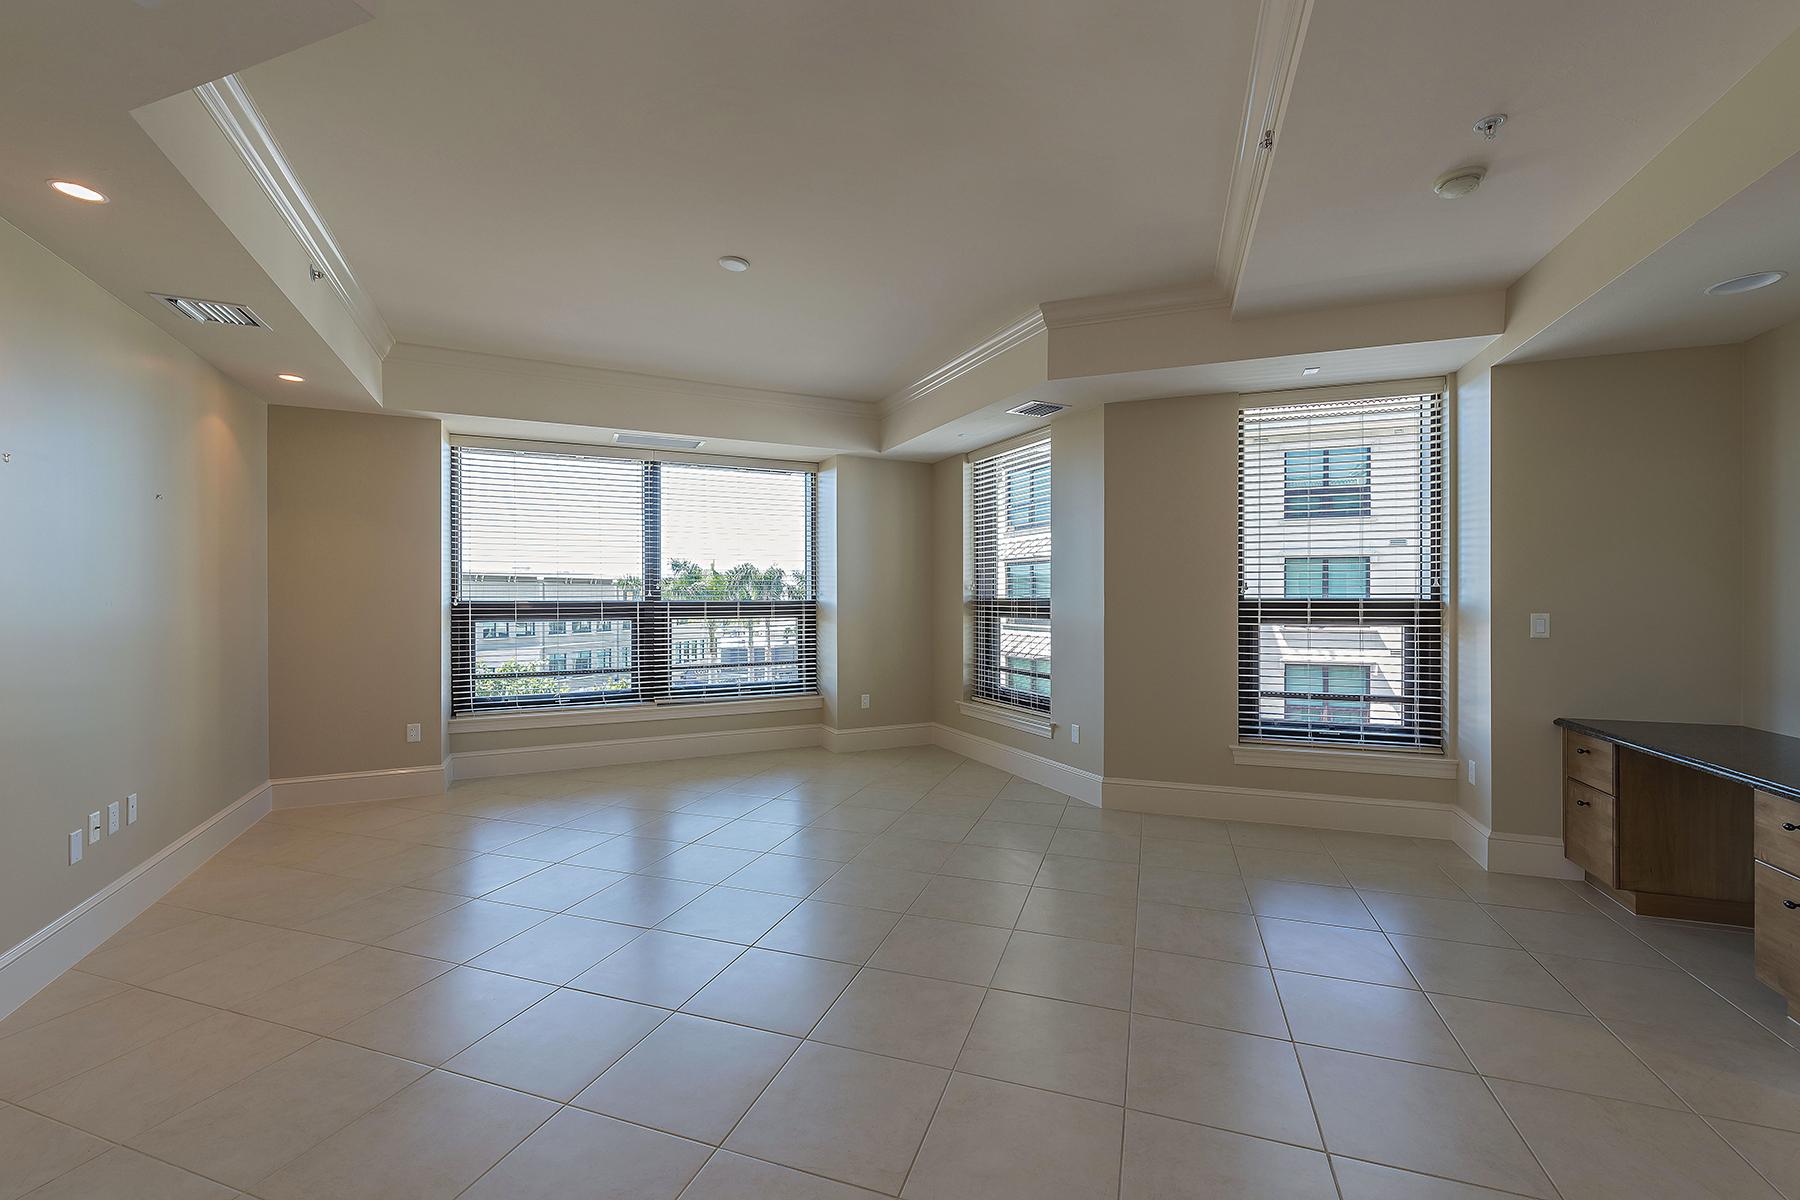 Condominium for Sale at 9123 Strada Pl , 7402, Naples, FL 34108 9123 Strada Pl 7402, Naples, Florida 34108 United States